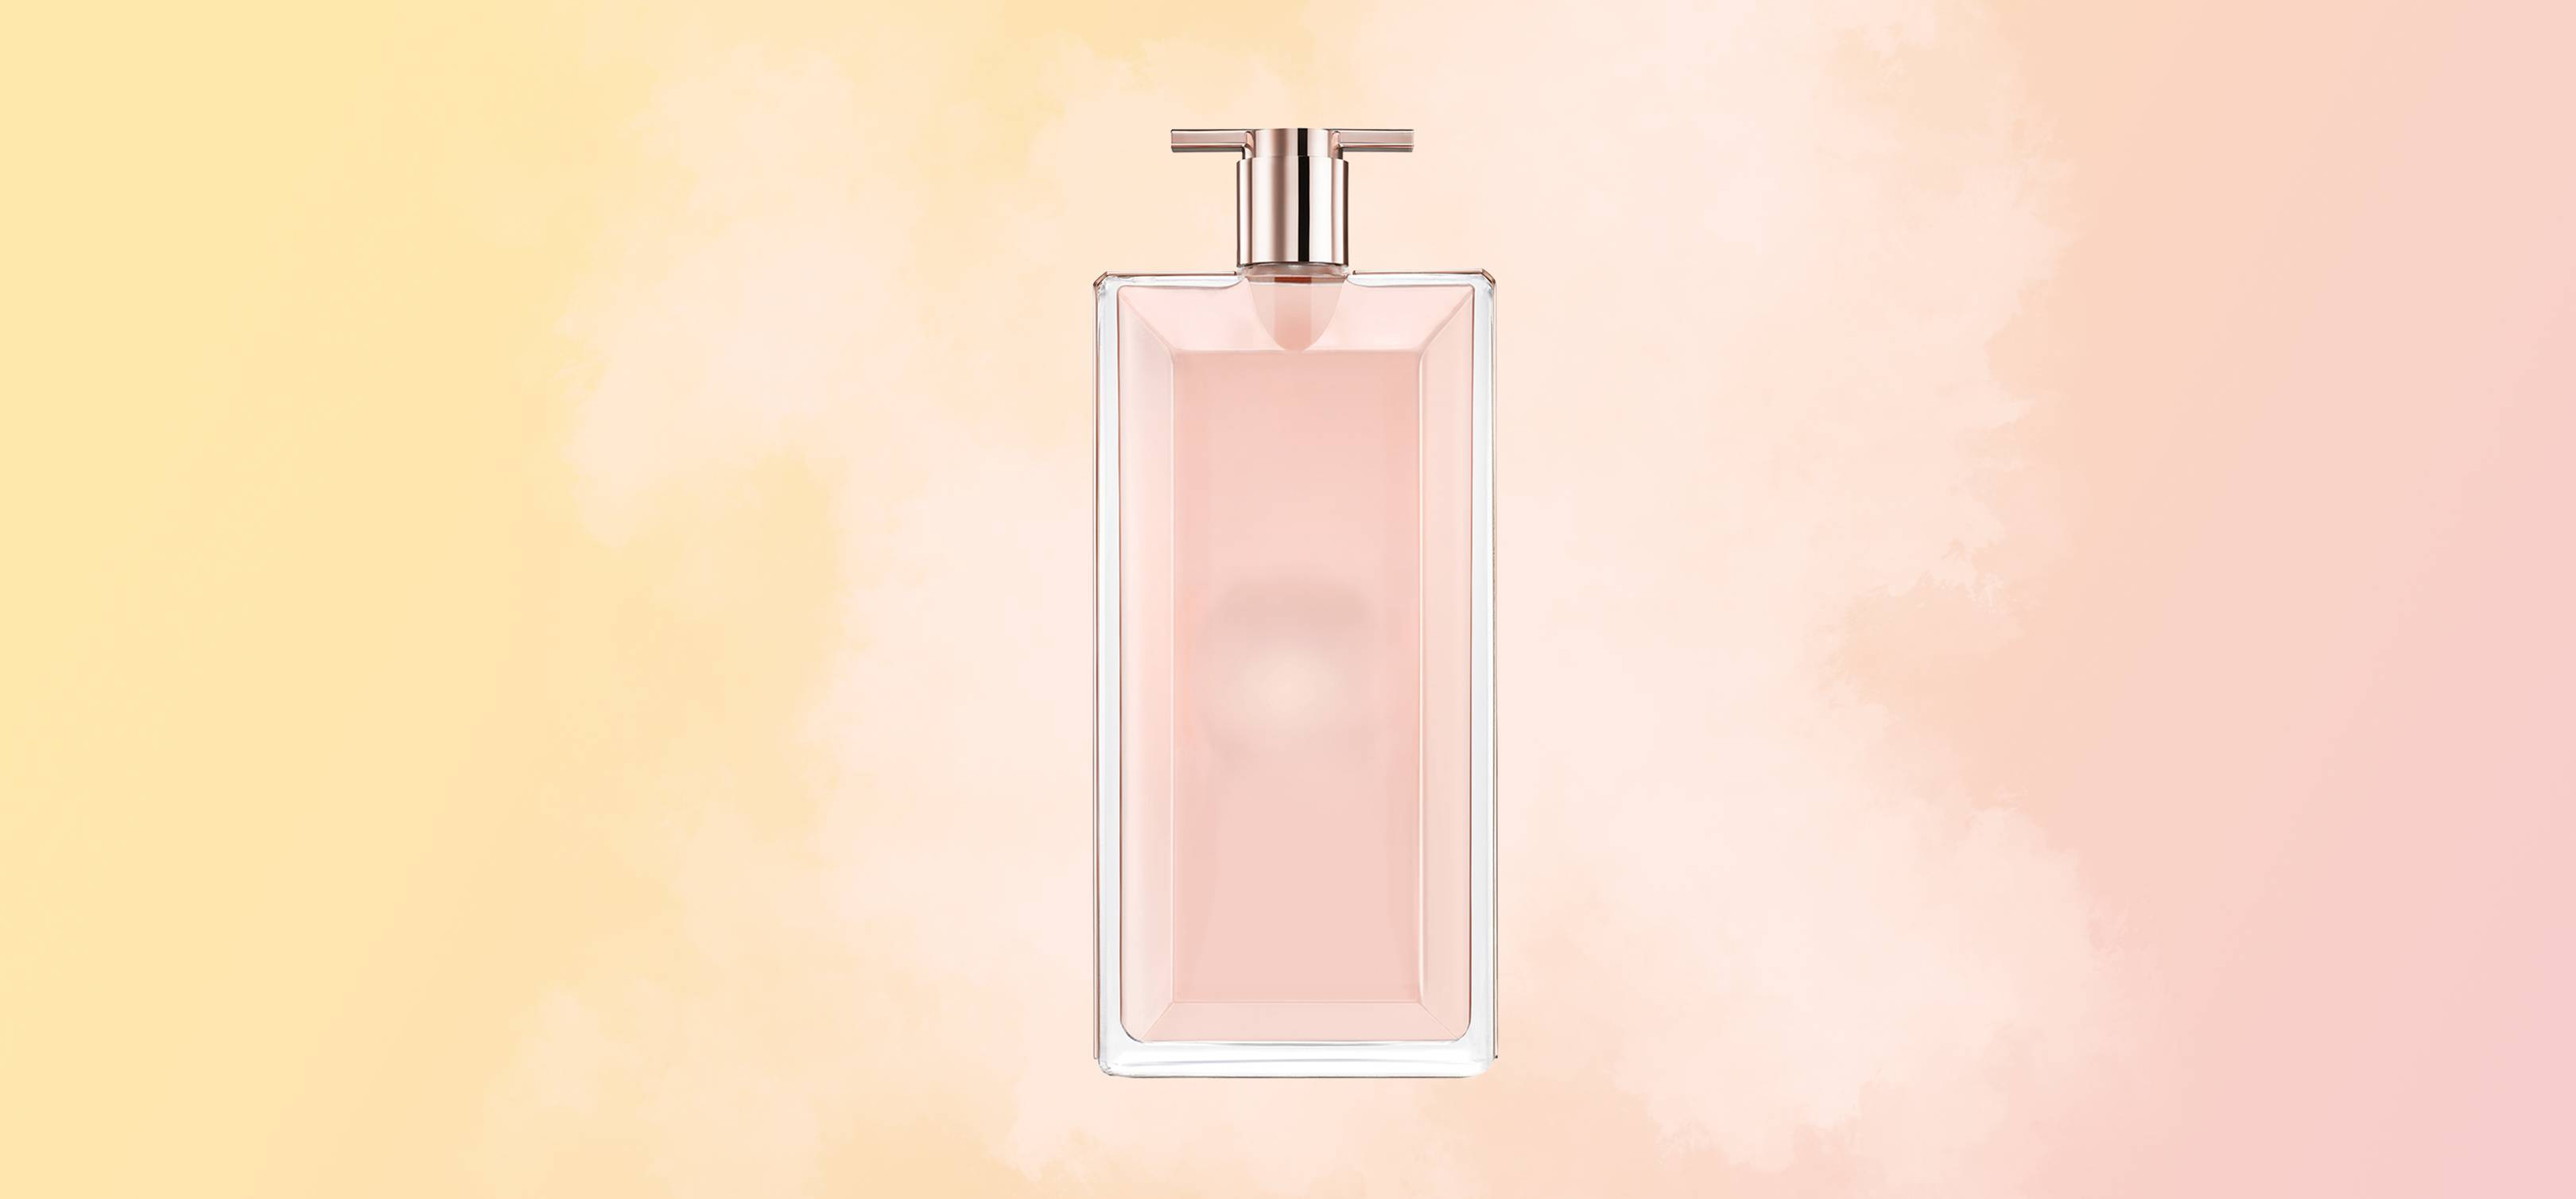 Idôle Perfume Lancôme De ReviewNew 2019 Eau Parfum Lancome Release 3Rq45AjLc